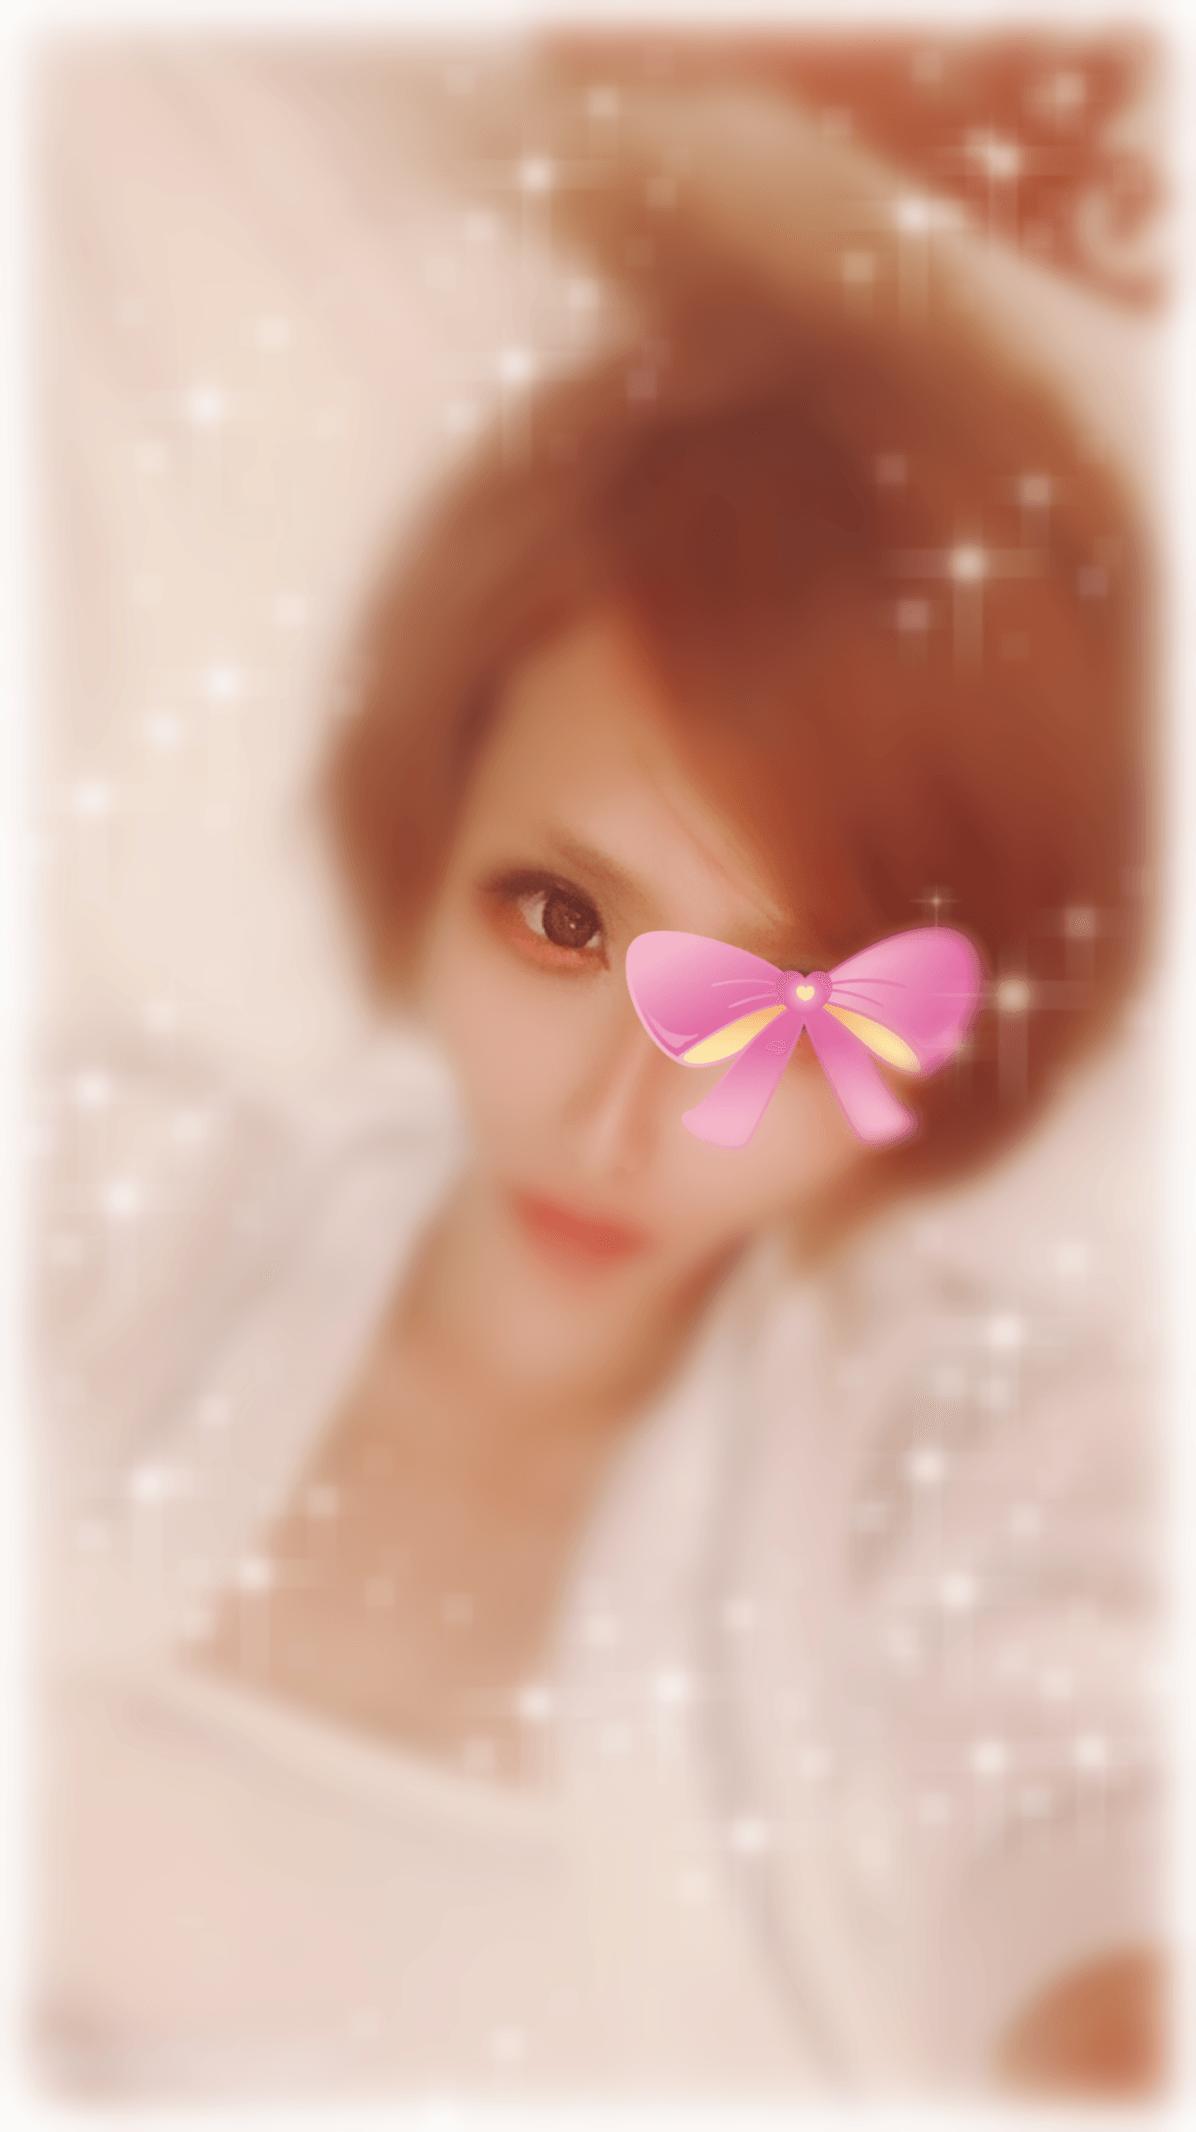 える「1/11♡1/16♡1/17♡1/18♡お礼」01/24(木) 19:22 | えるの写メ・風俗動画